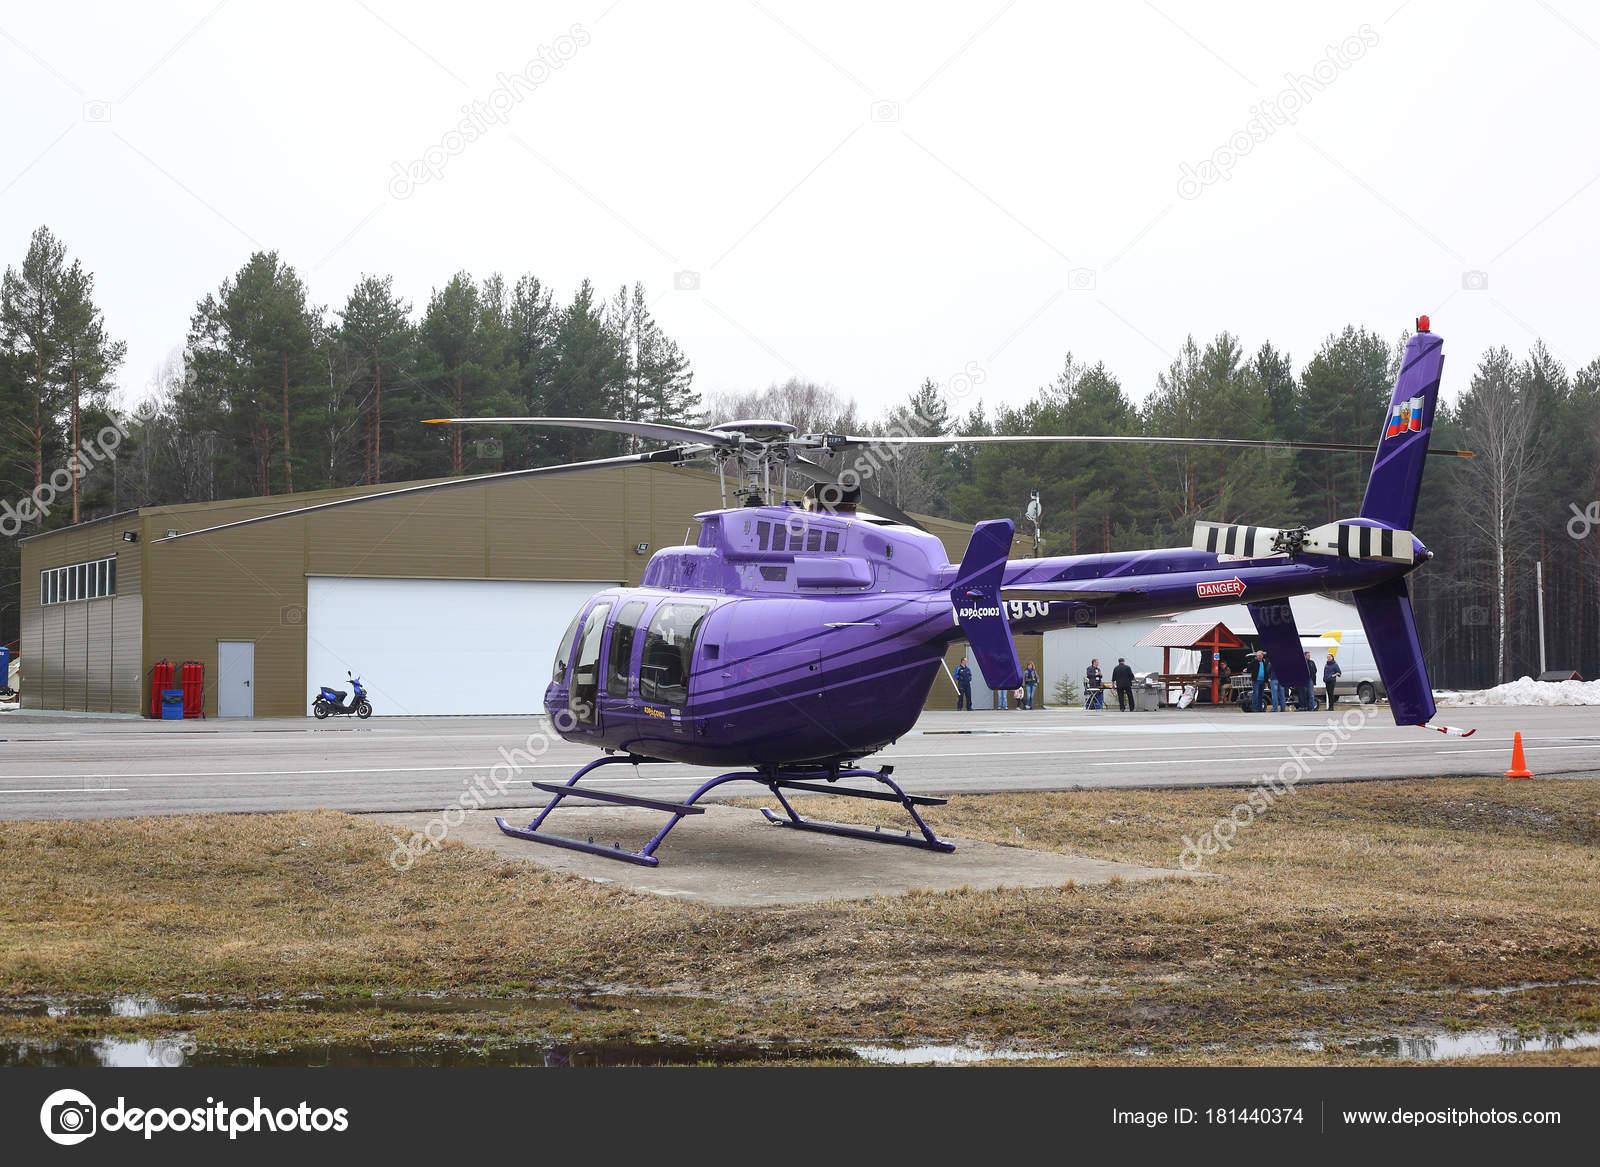 Elicottero Jet Ranger : Aerei viola elicottero bell u foto editoriale stock photoworld